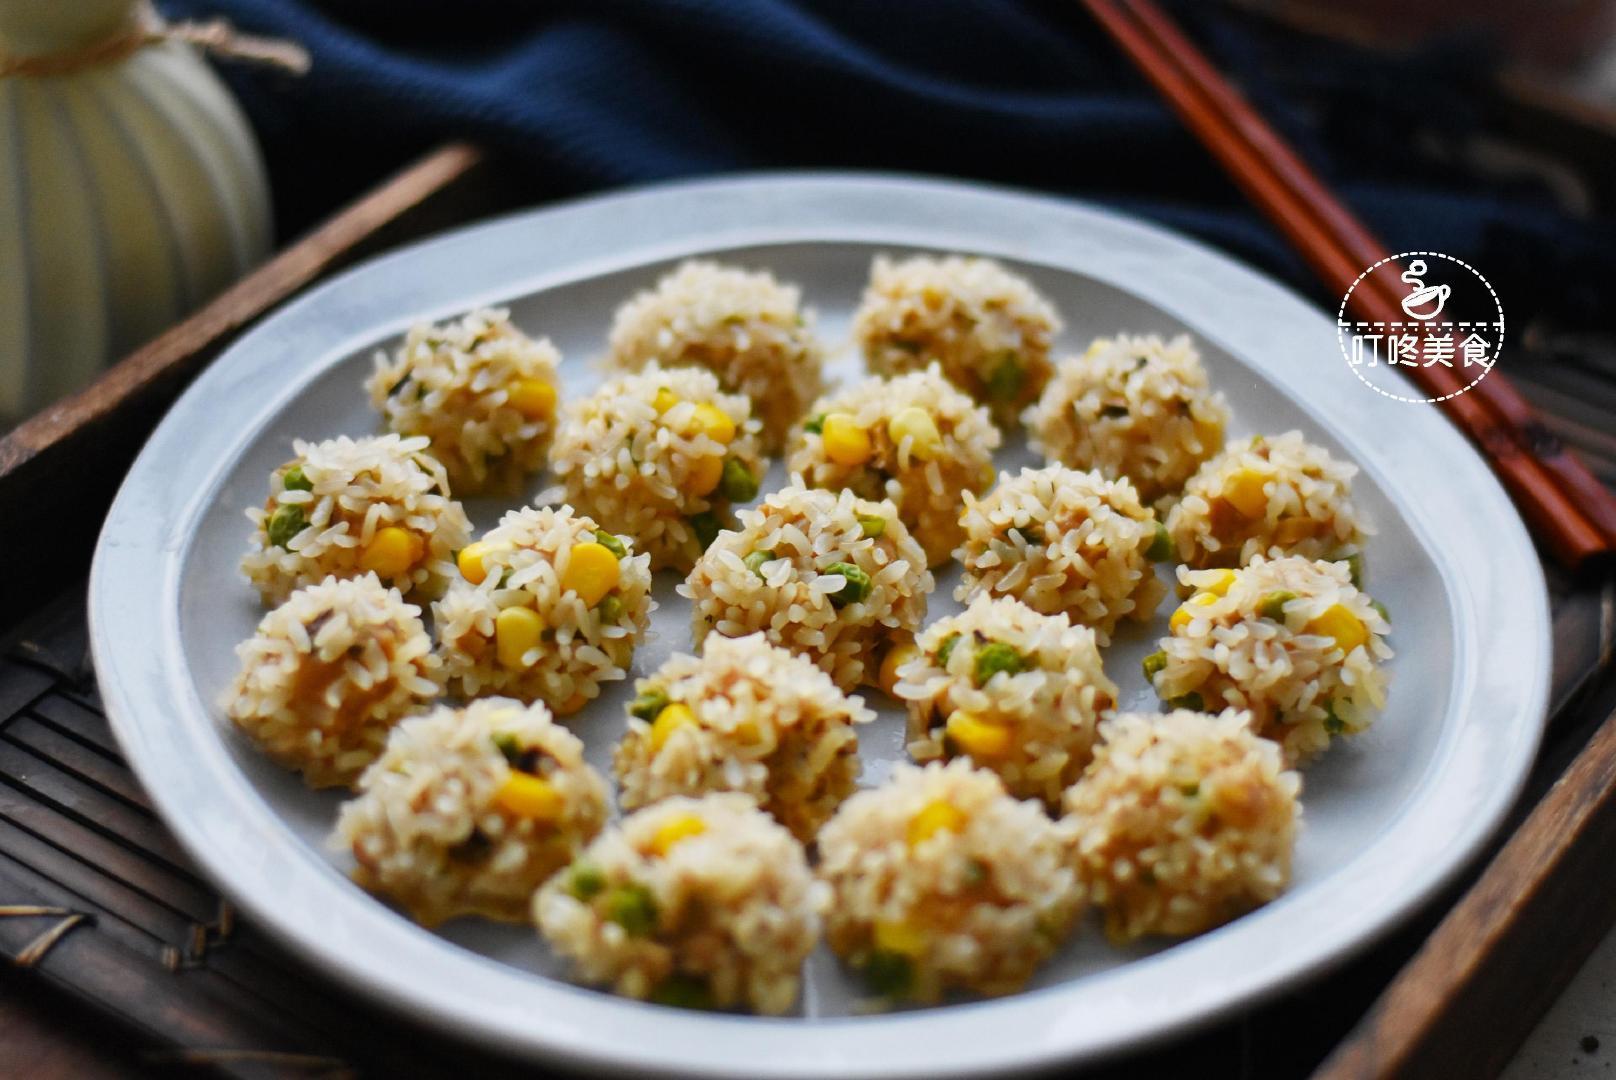 天热孩子最馋它,蒸一蒸就上桌,比饺子还简单,连吃1周都不腻